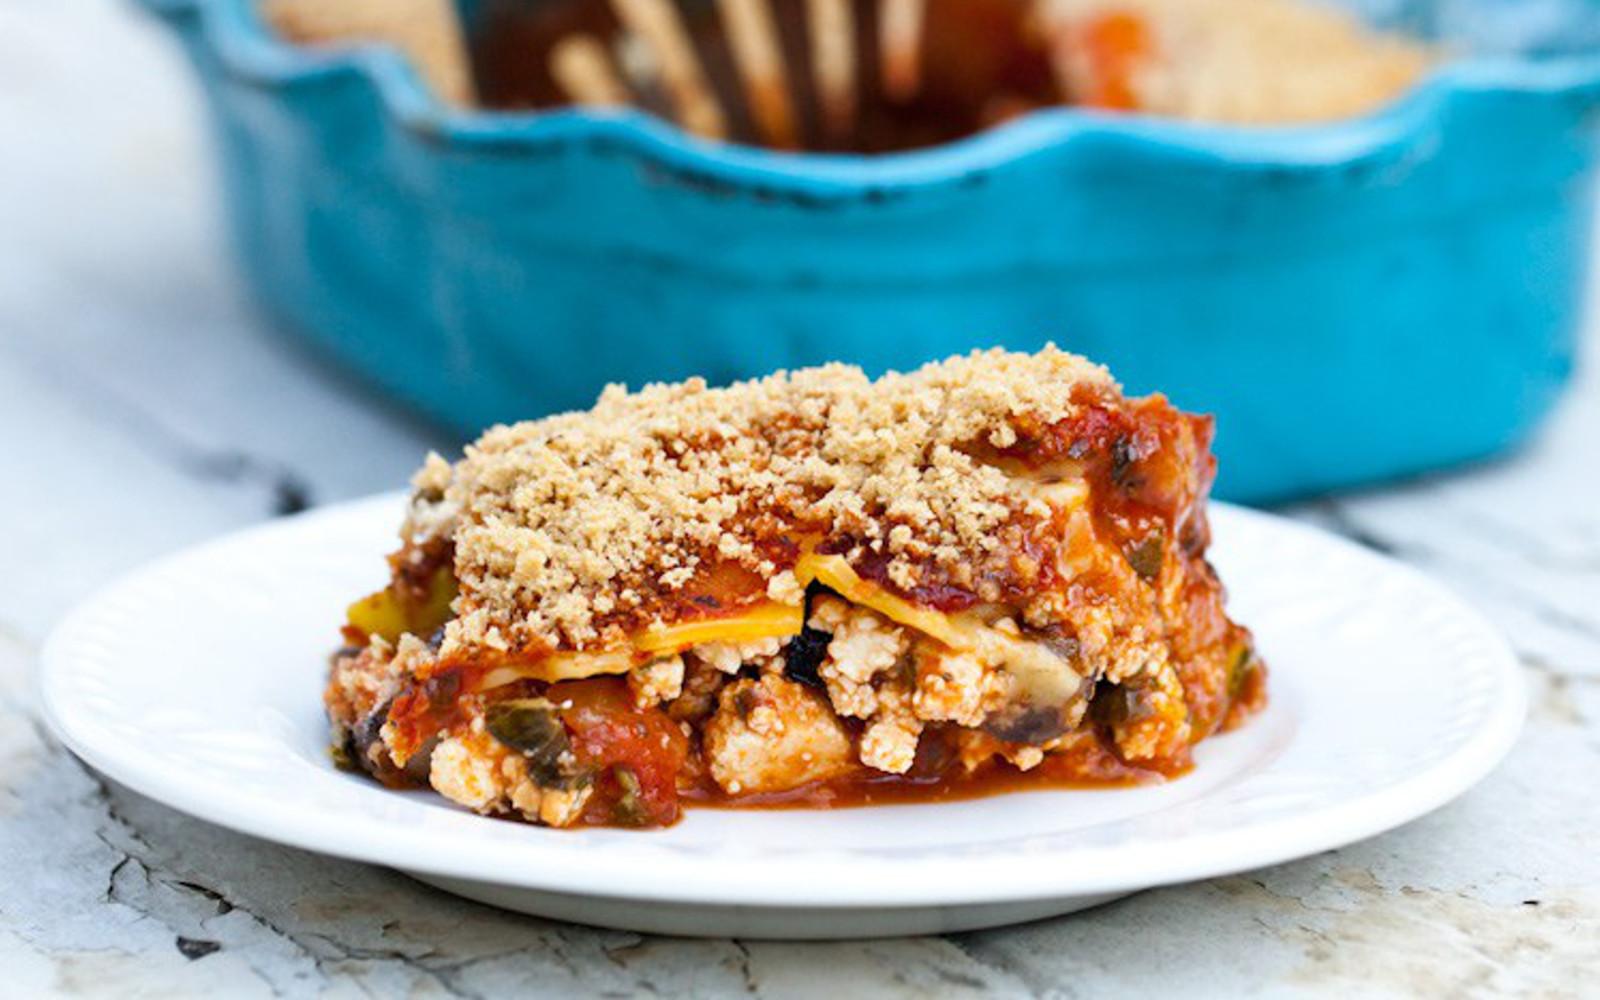 zucchini lasagna with portobello mushrooms